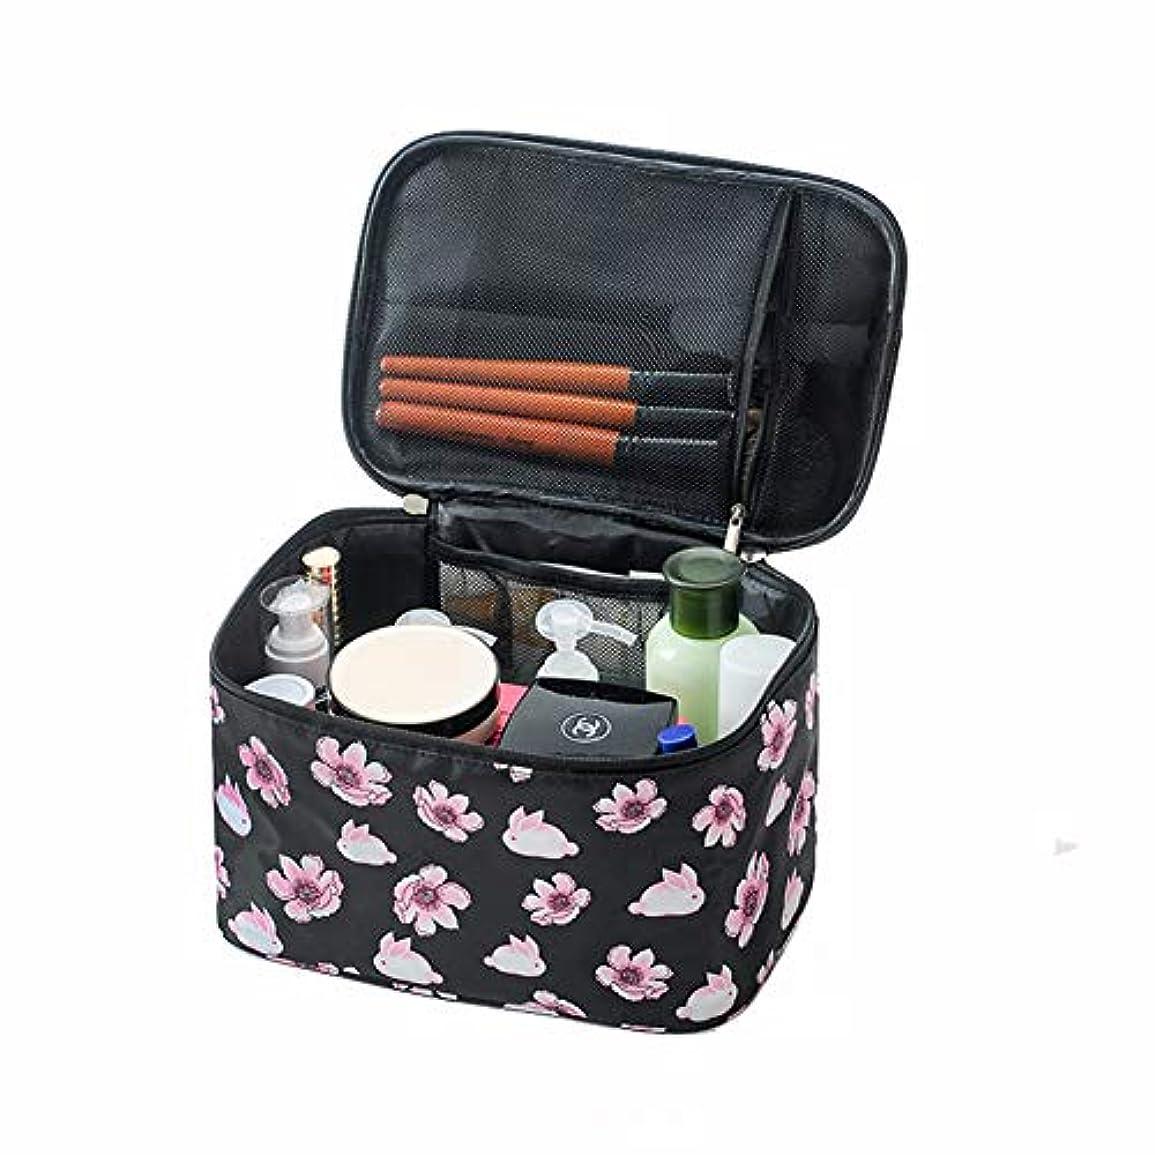 インフレーション課す胃HOYOFO 化粧ポーチ バニティポーチ 大容量 かわいい 旅行 メイクバッグ 防水 おしゃれ 化粧品収納 出張 折畳み 機能的 ブラック/サクラ